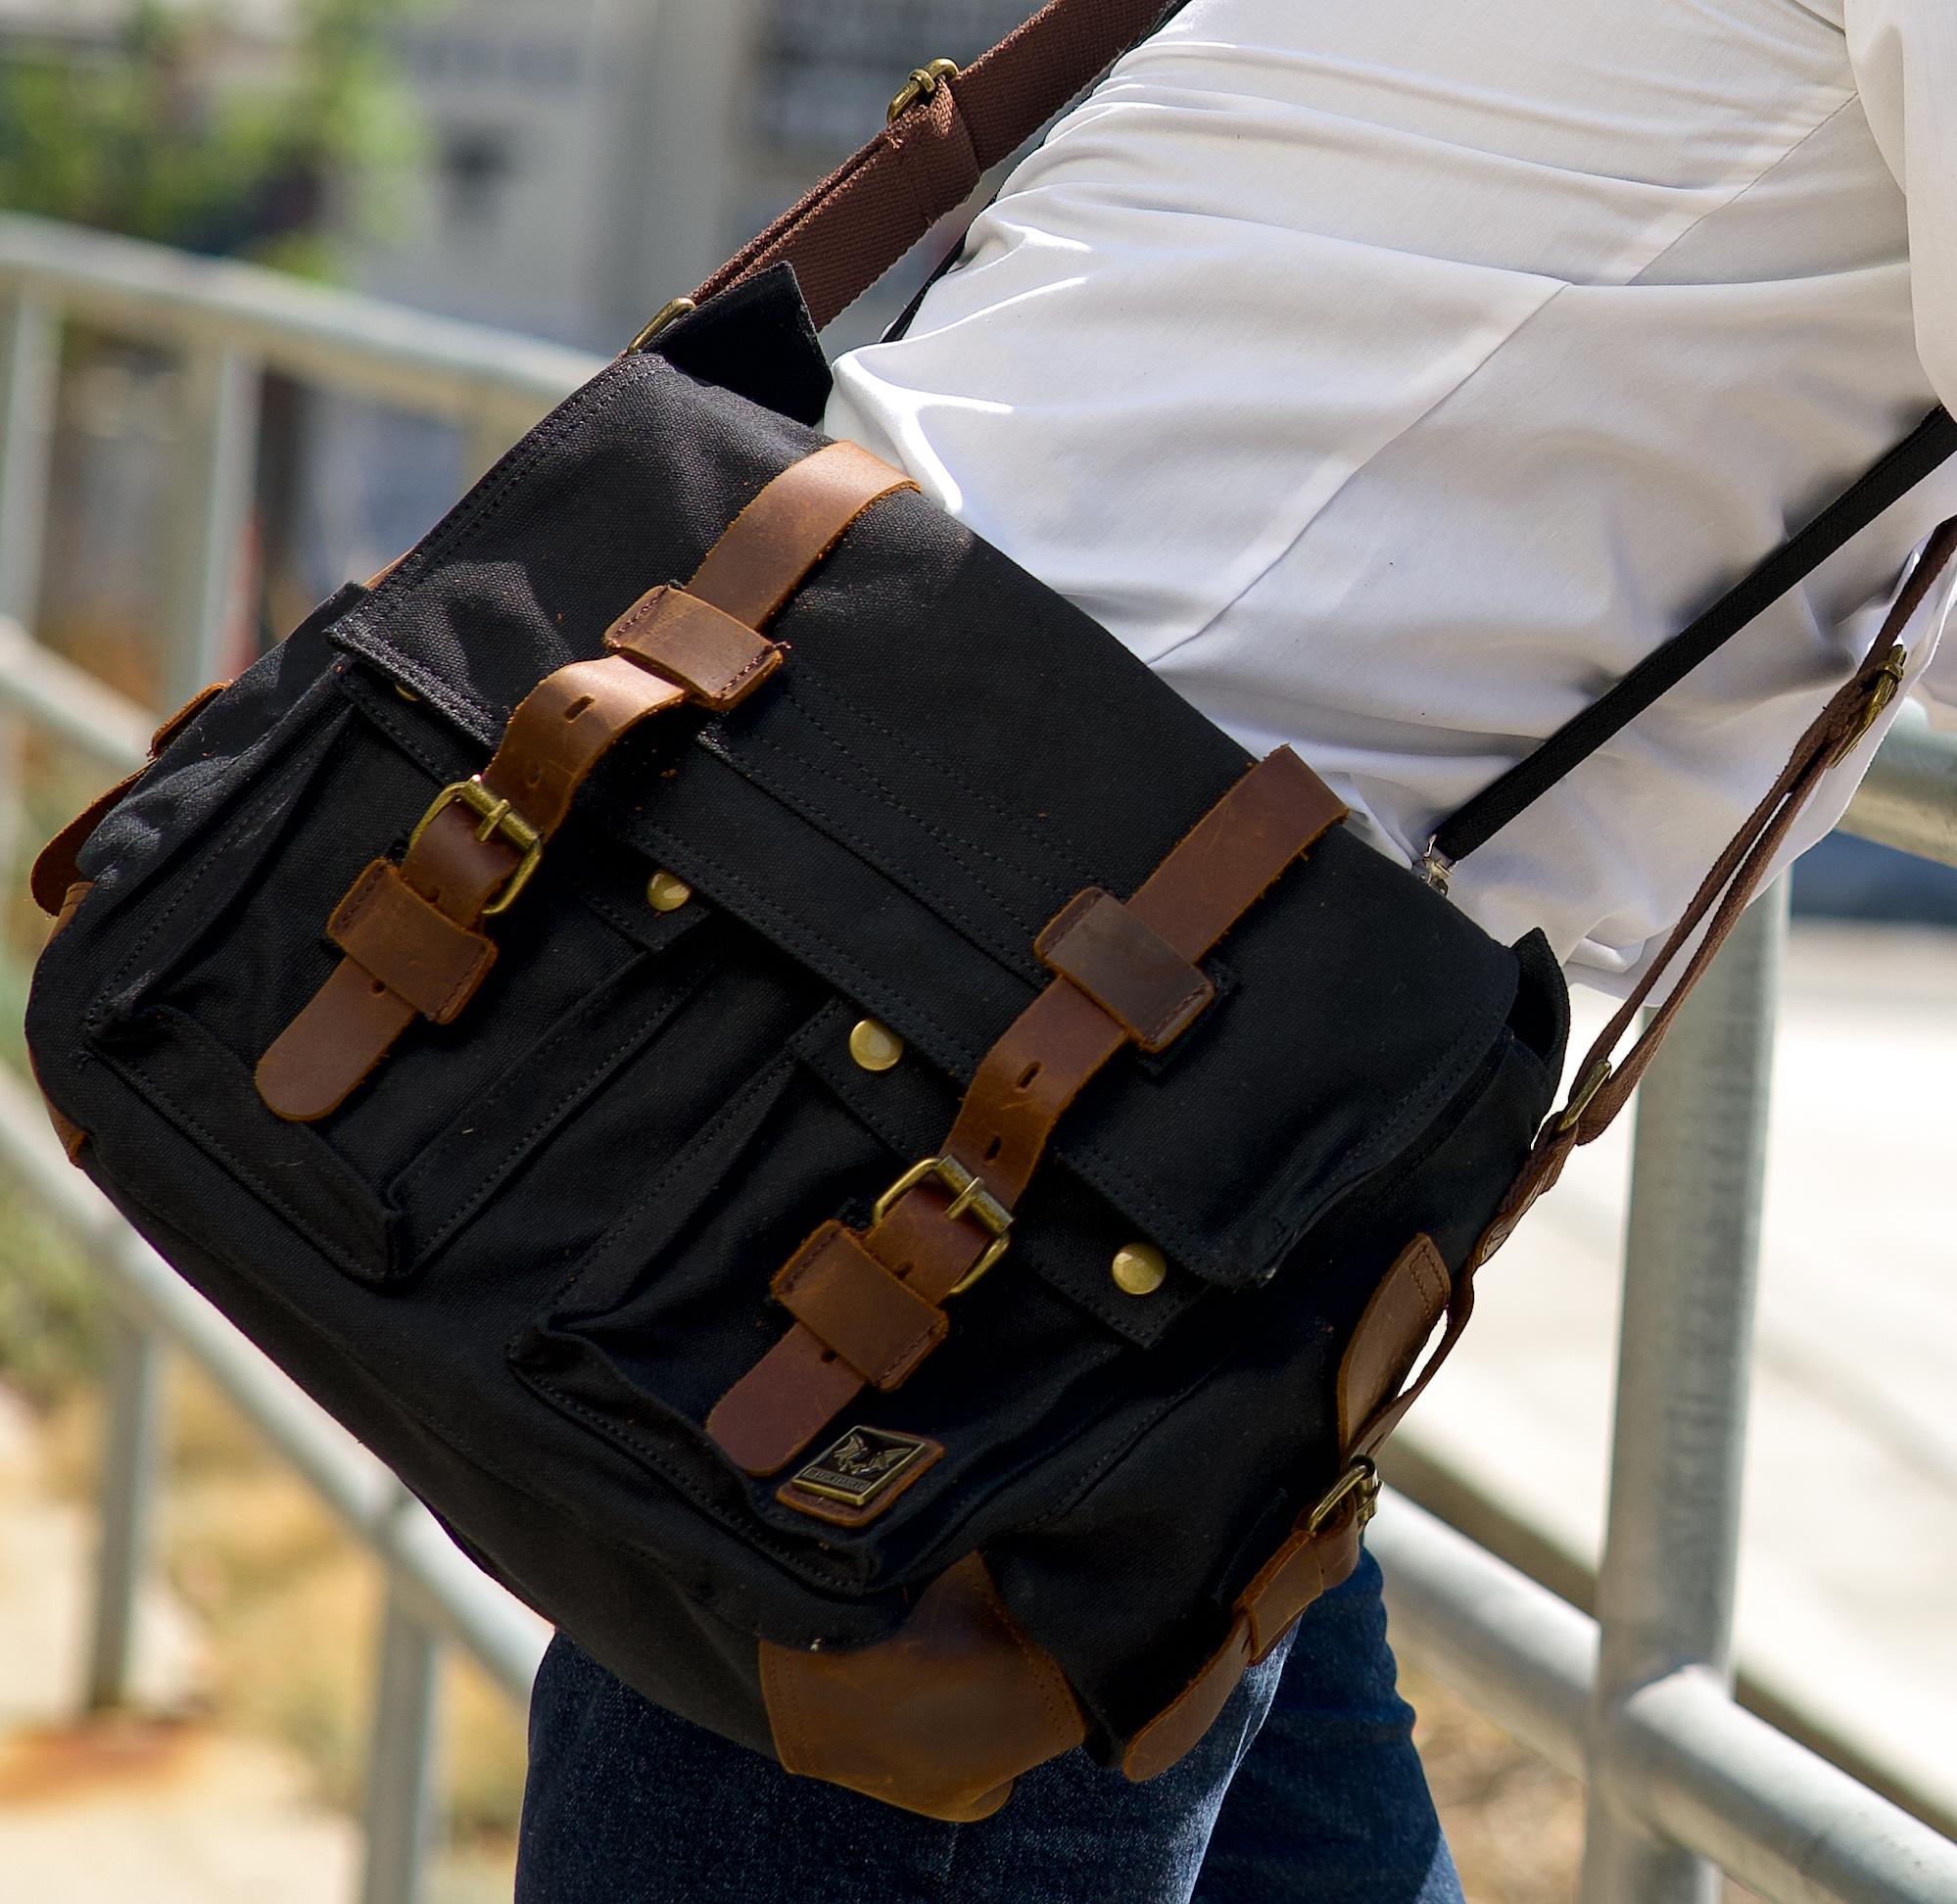 Vincov Bags